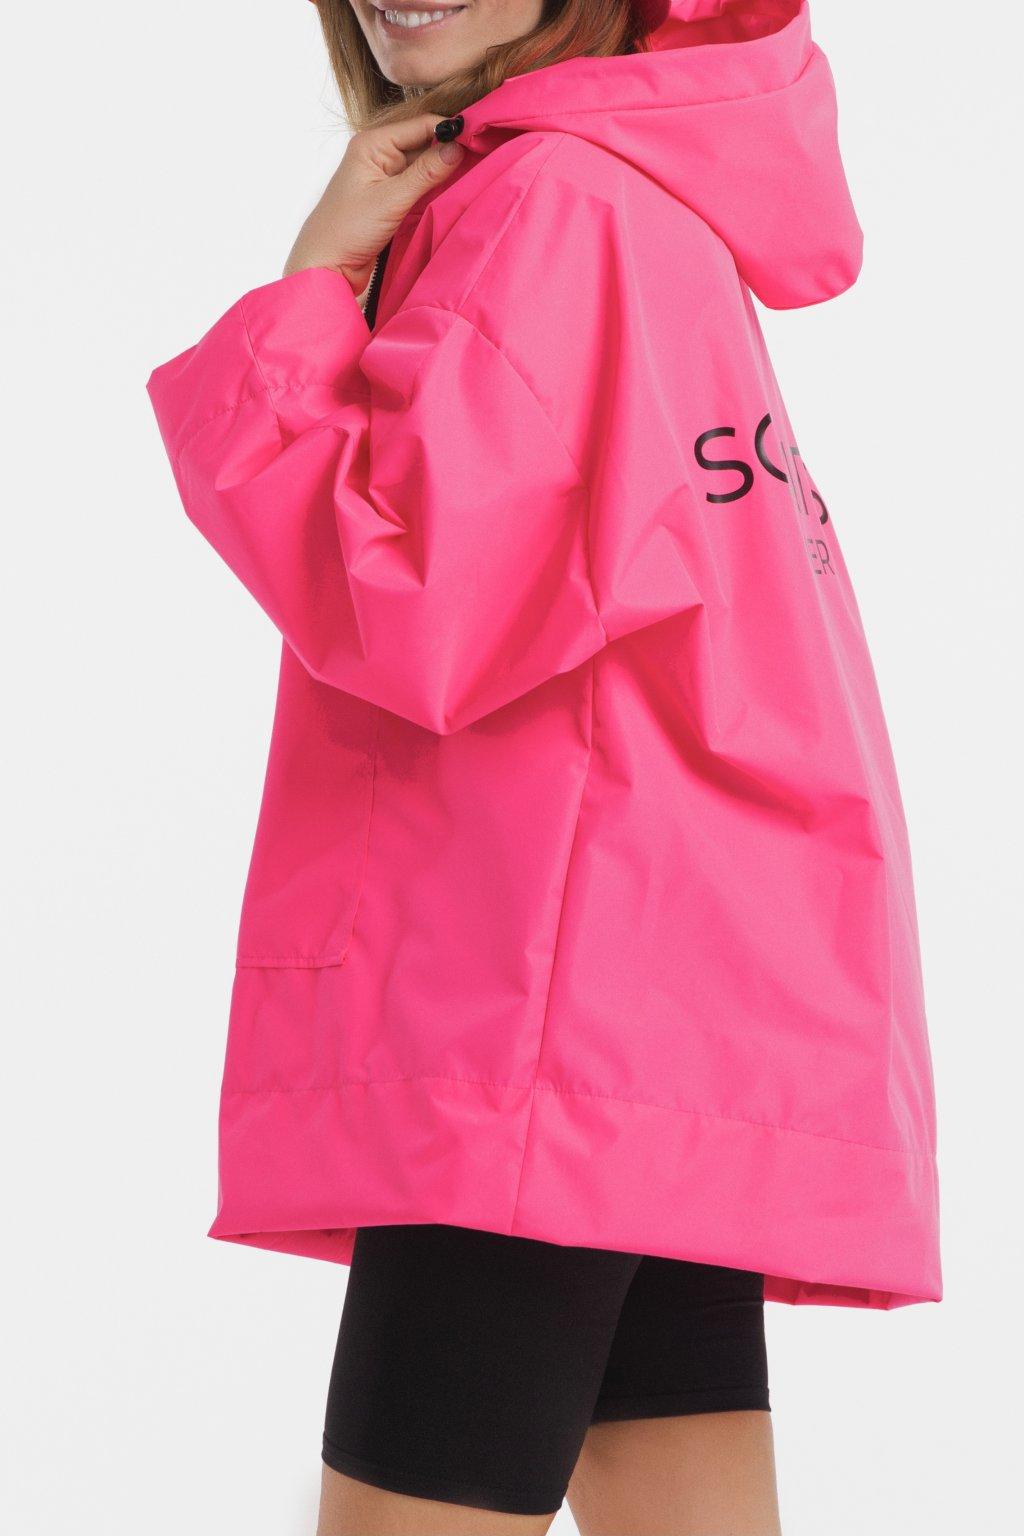 Stylová pláštěnka SOULMATES • neon pink / neon růžová